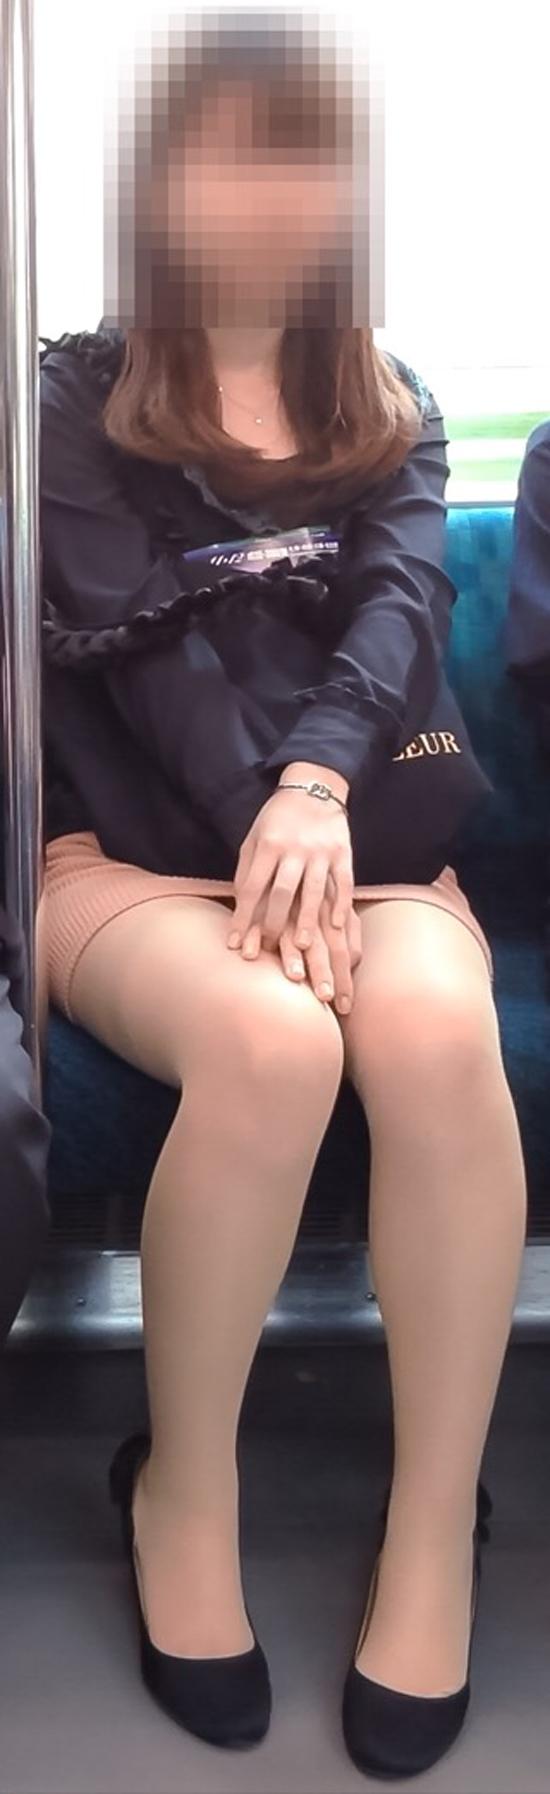 【美脚エロ画像】目的の駅に着くまで暇させない電車内の美脚チェック!